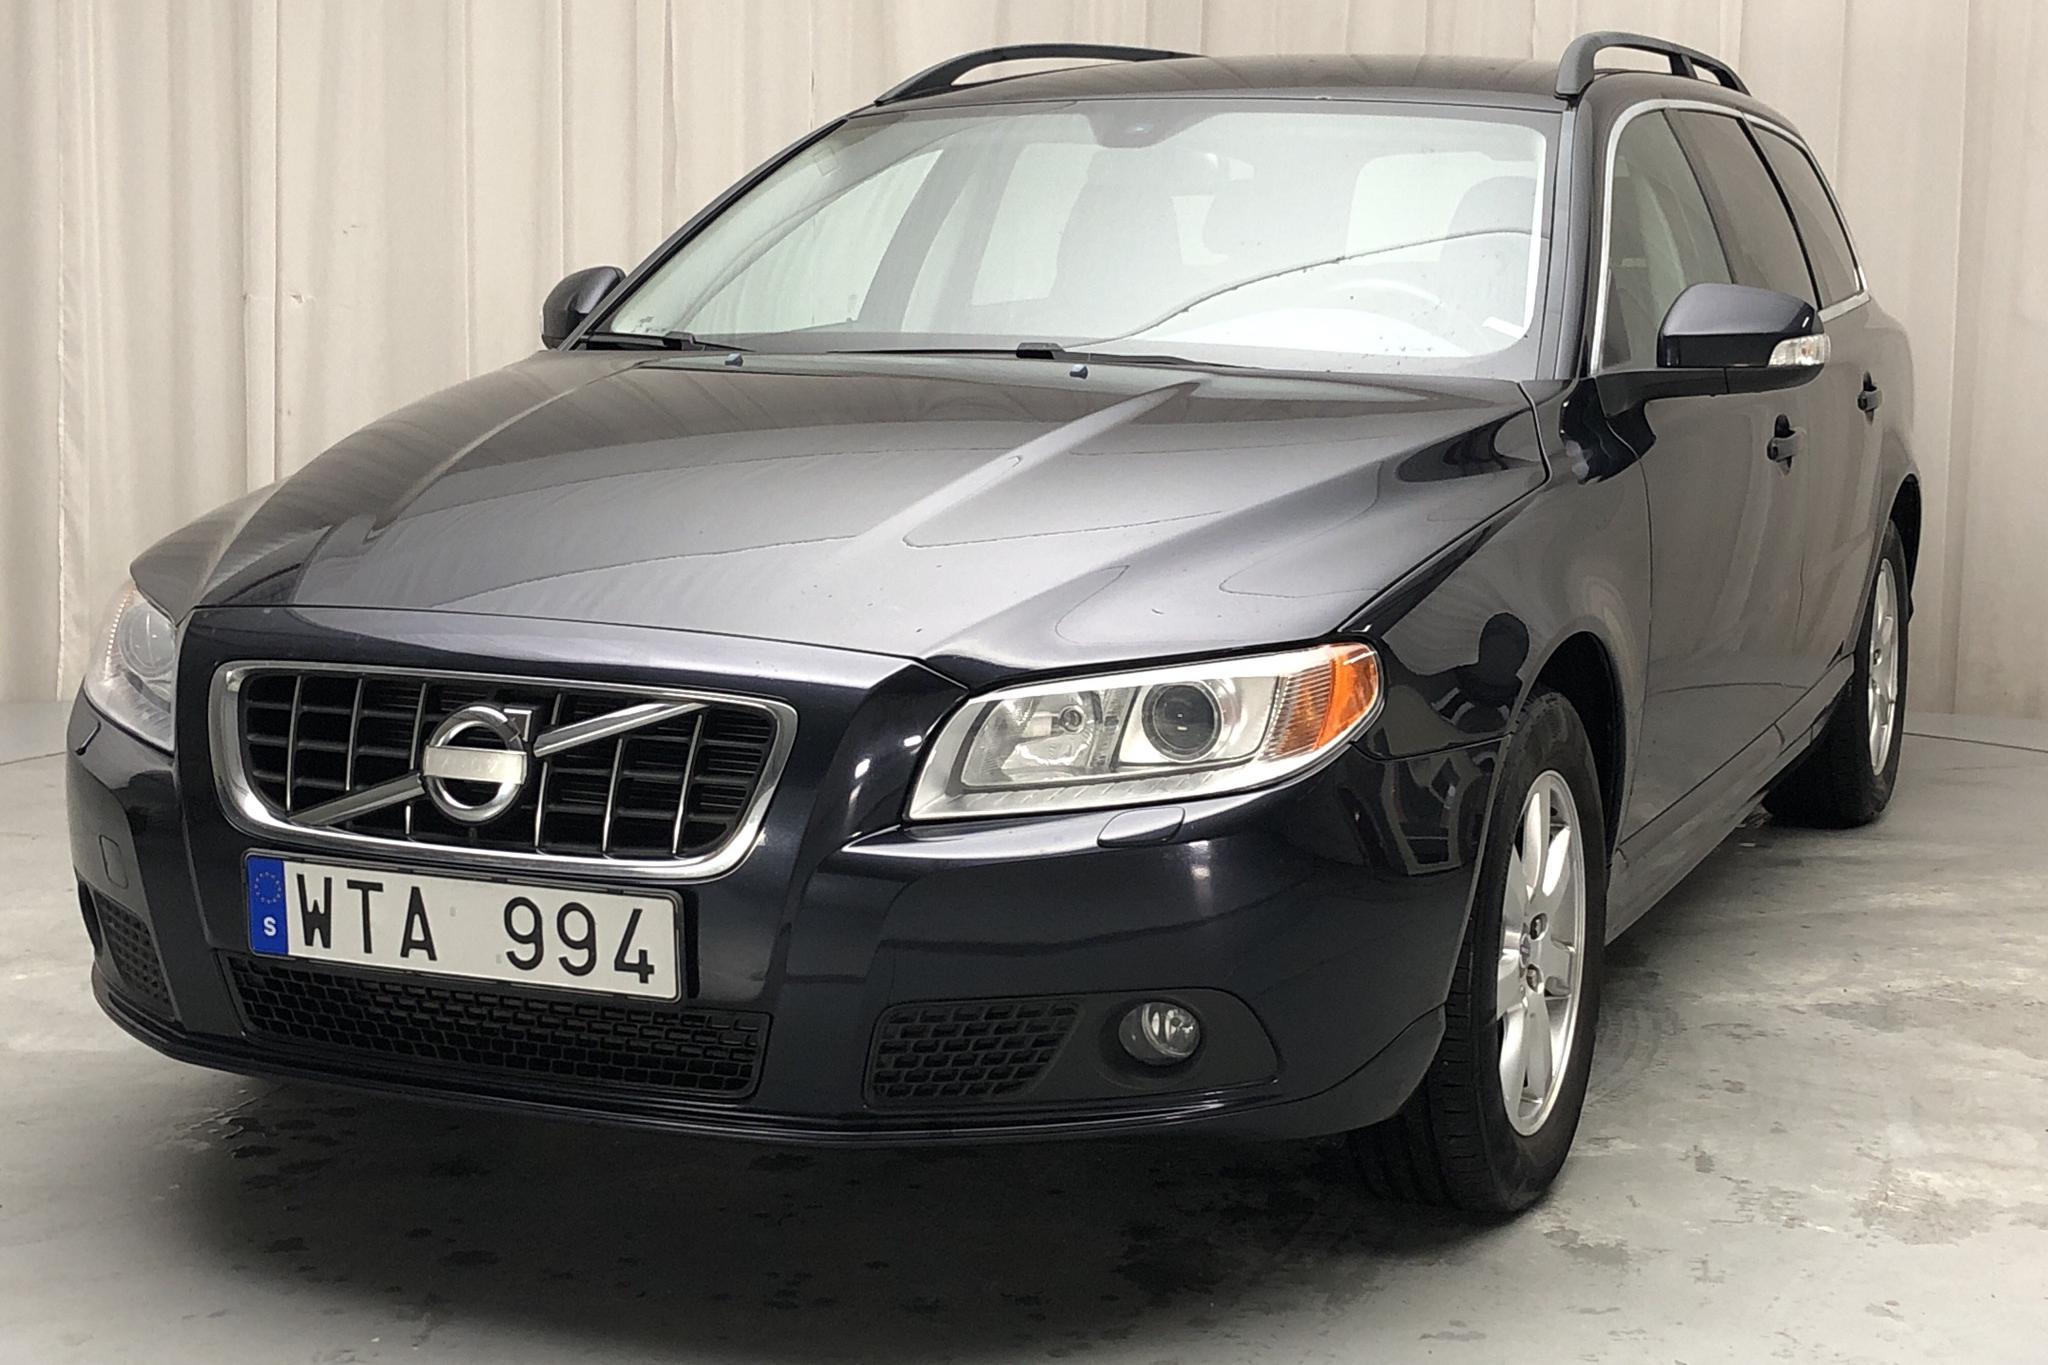 Volvo V70 II D5 (205hk) - 174 490 km - Manual - Dark Blue - 2011